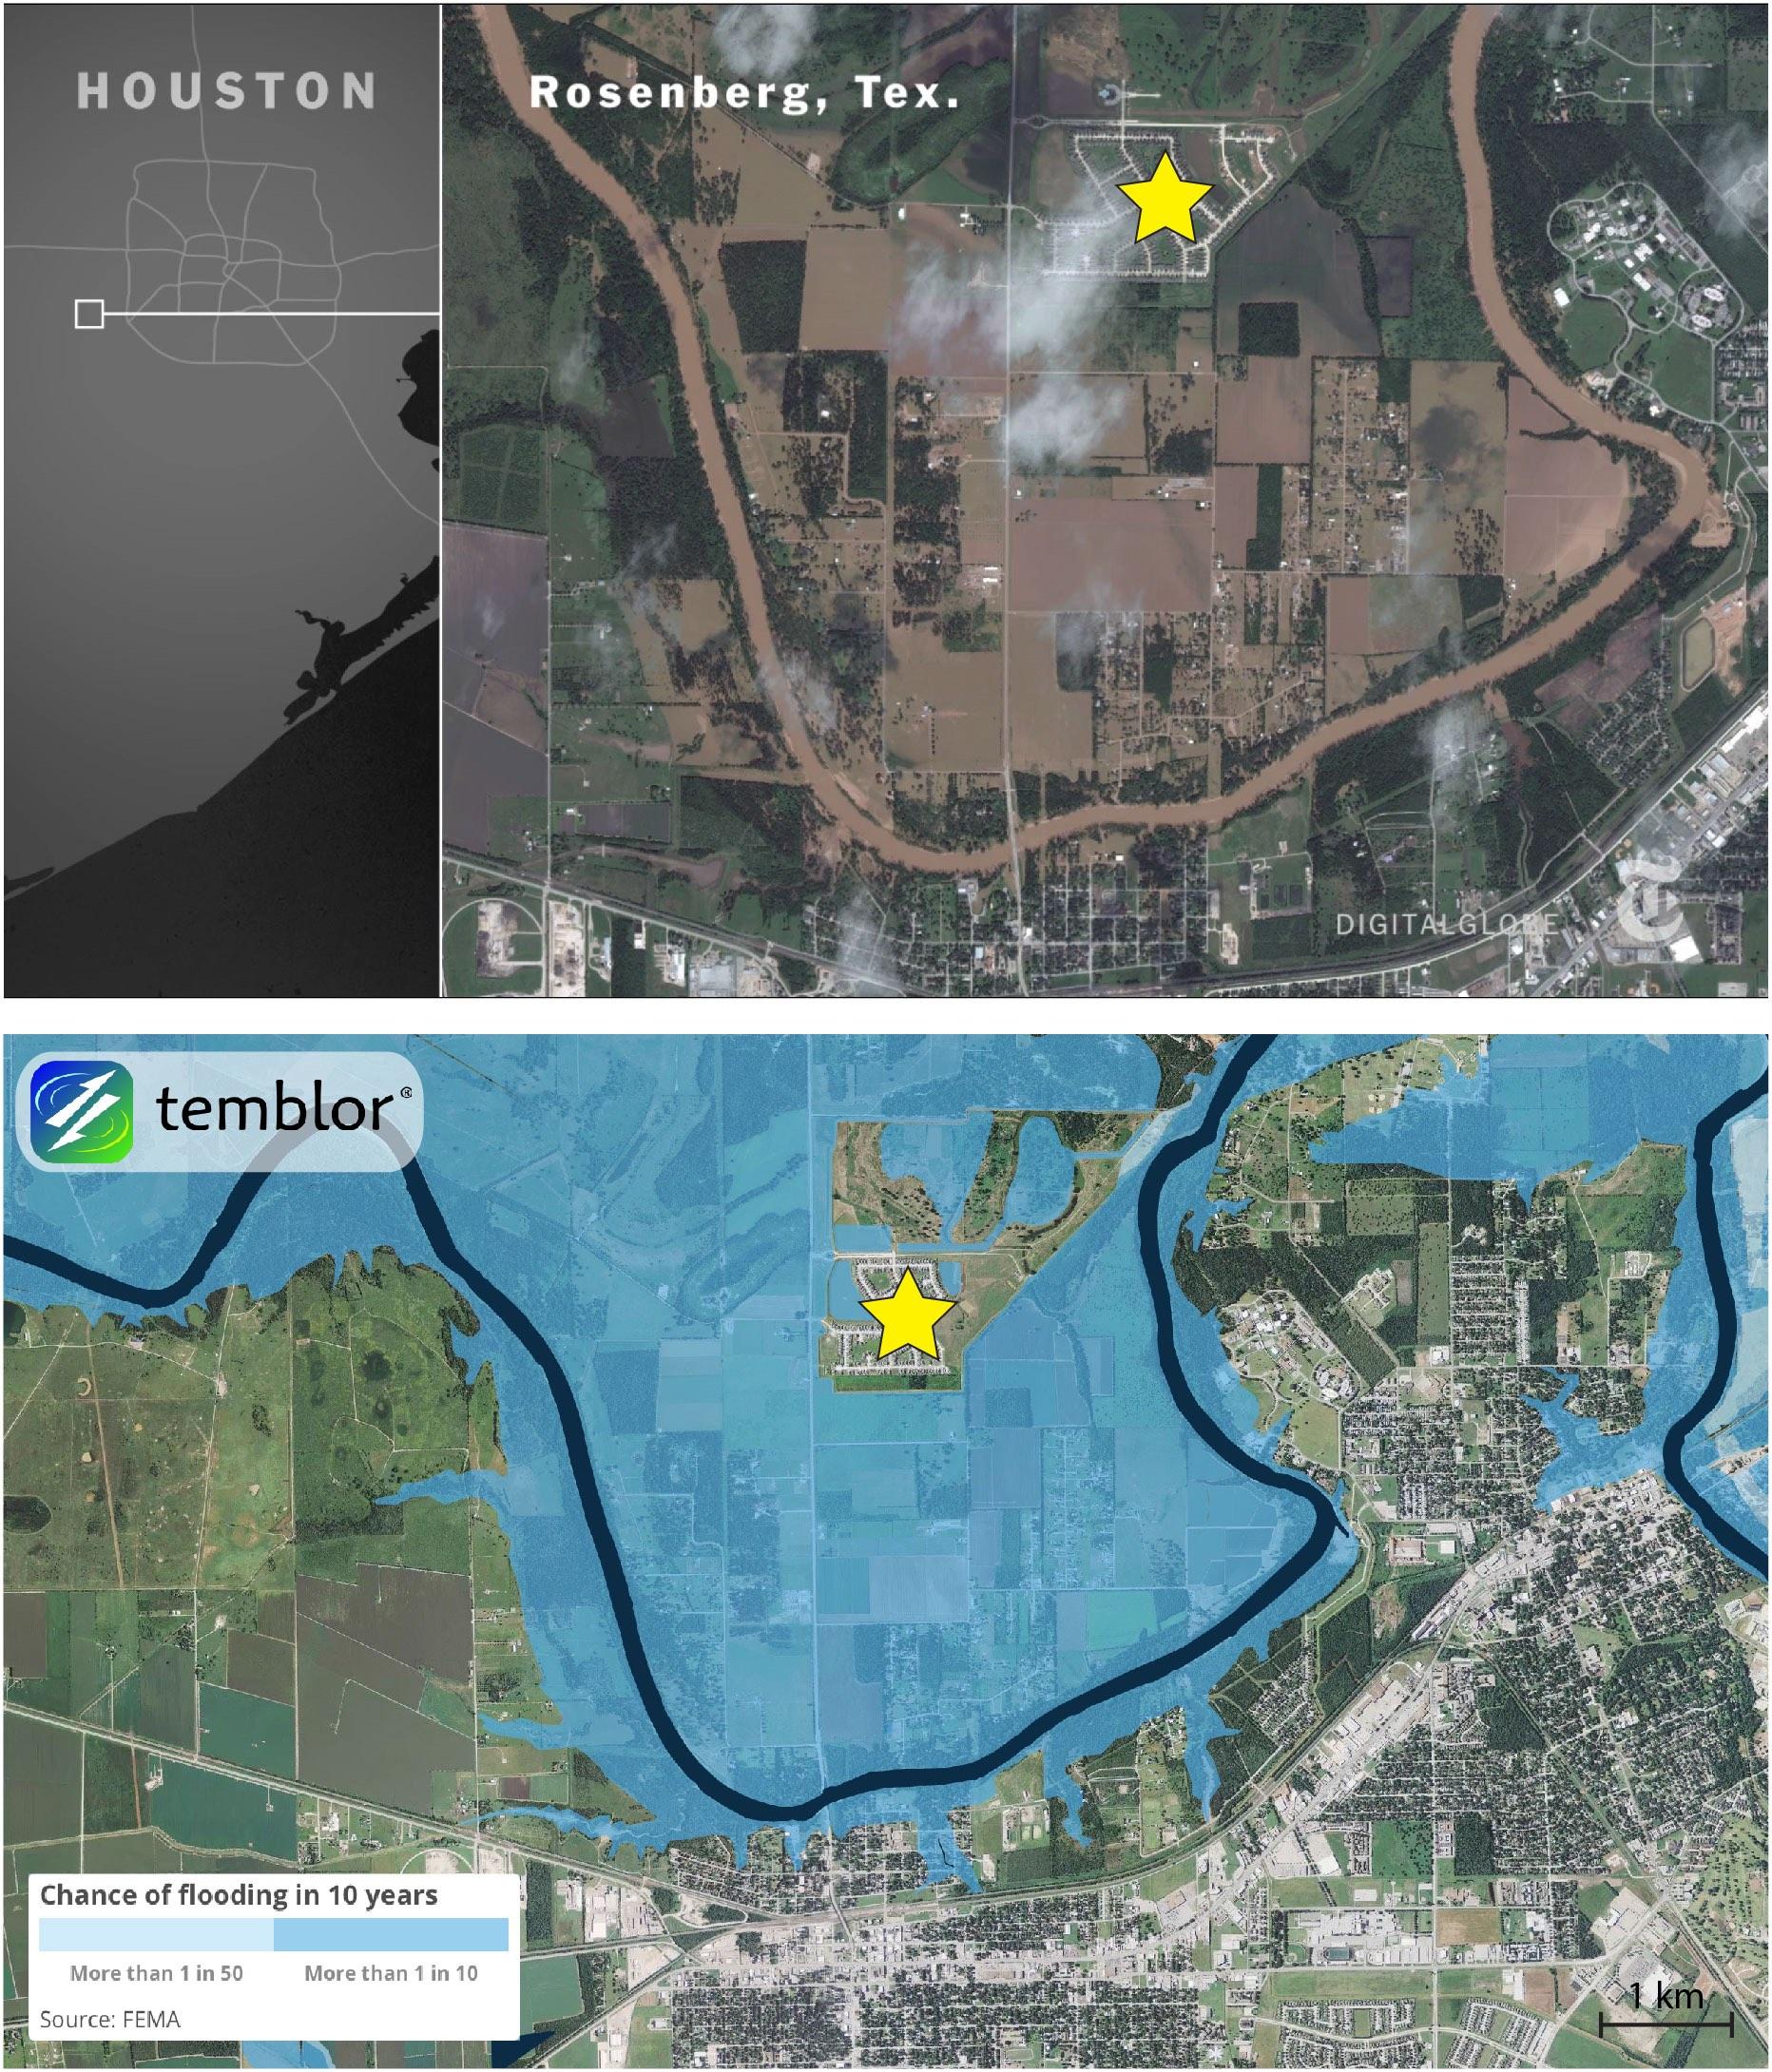 rosenberg-texas-flooding-hurricane-harvey